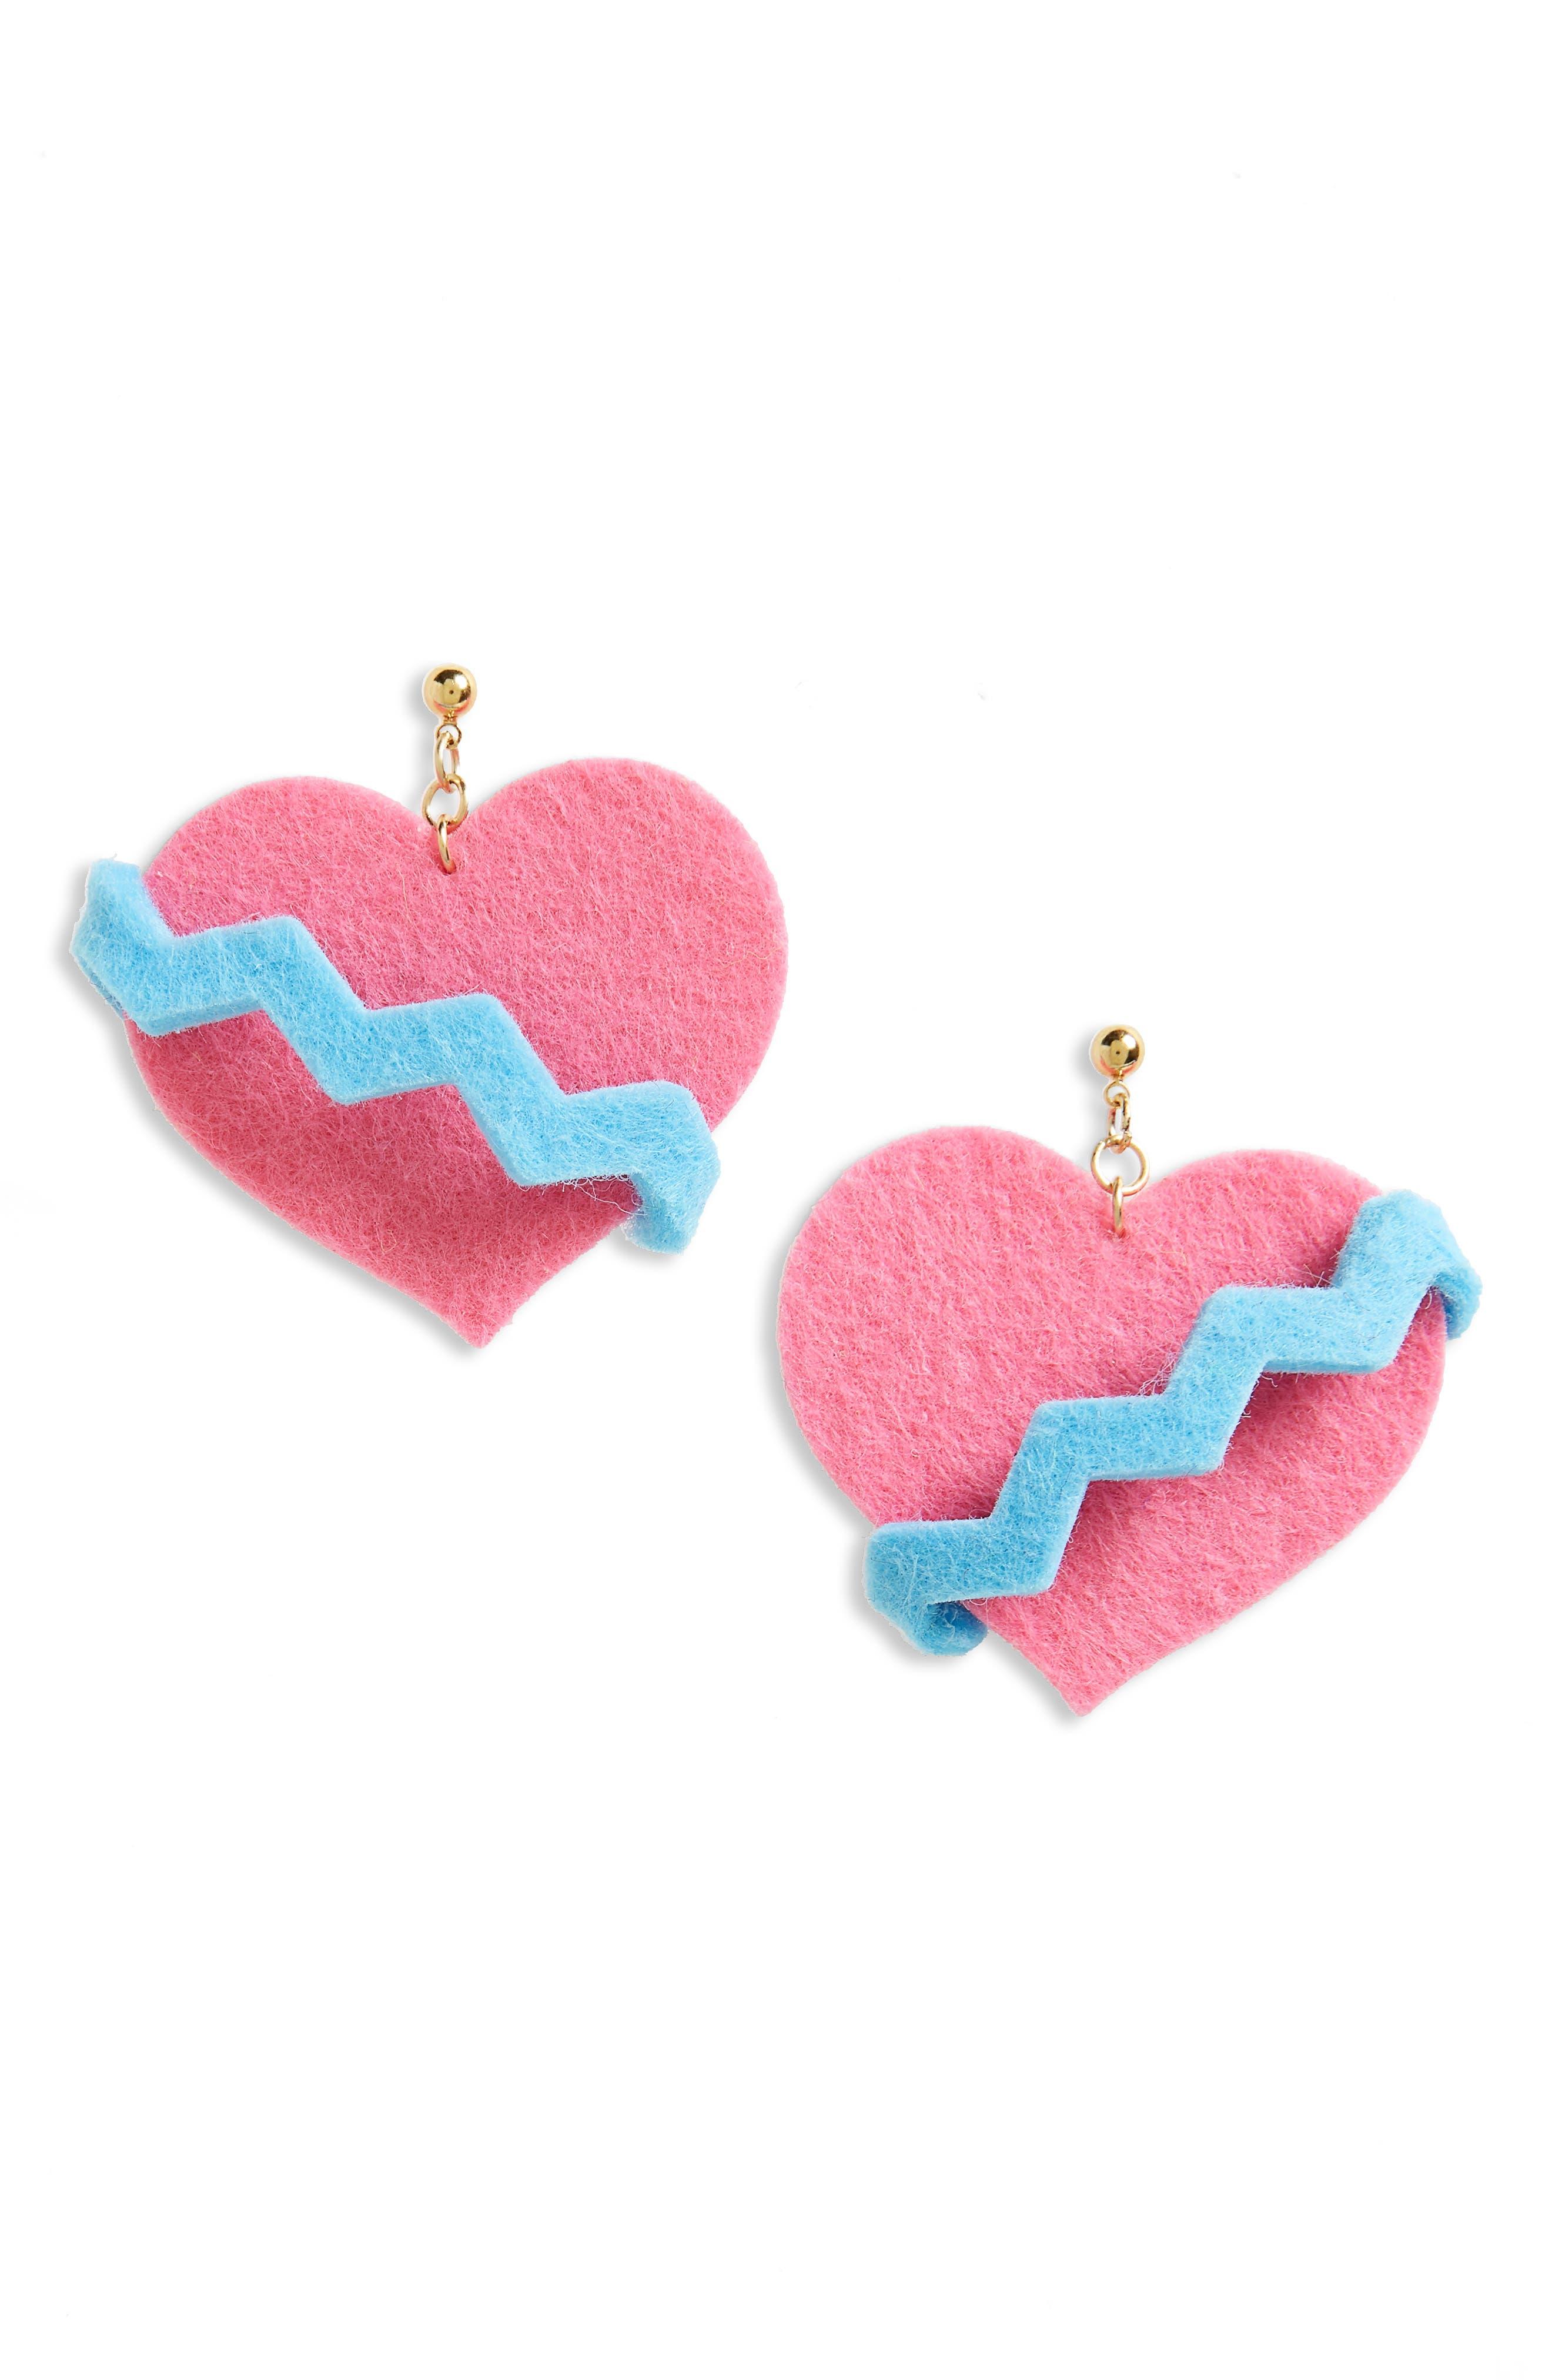 Heart Earrings,                             Main thumbnail 1, color,                             650